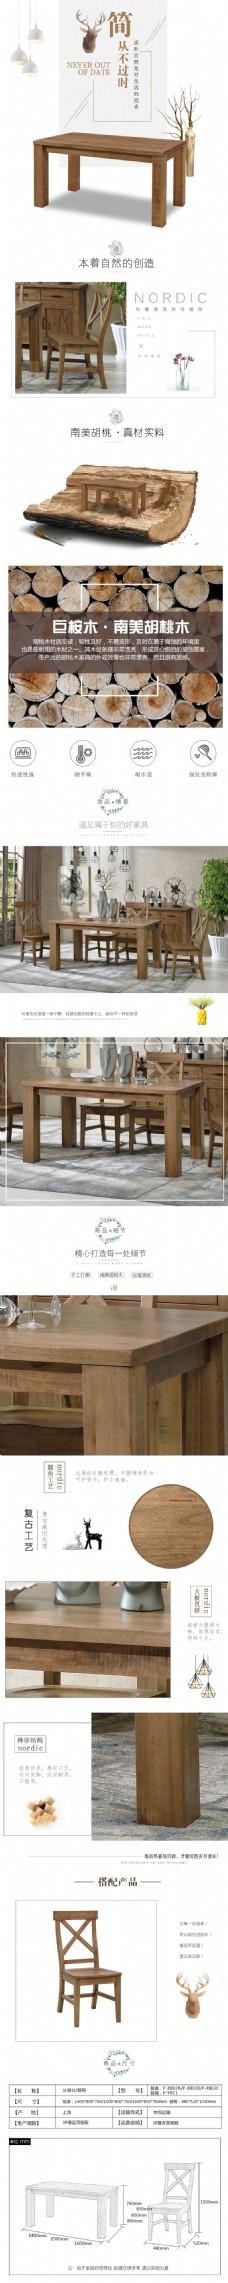 天猫淘宝家具餐厅餐桌餐椅北欧现代详情页